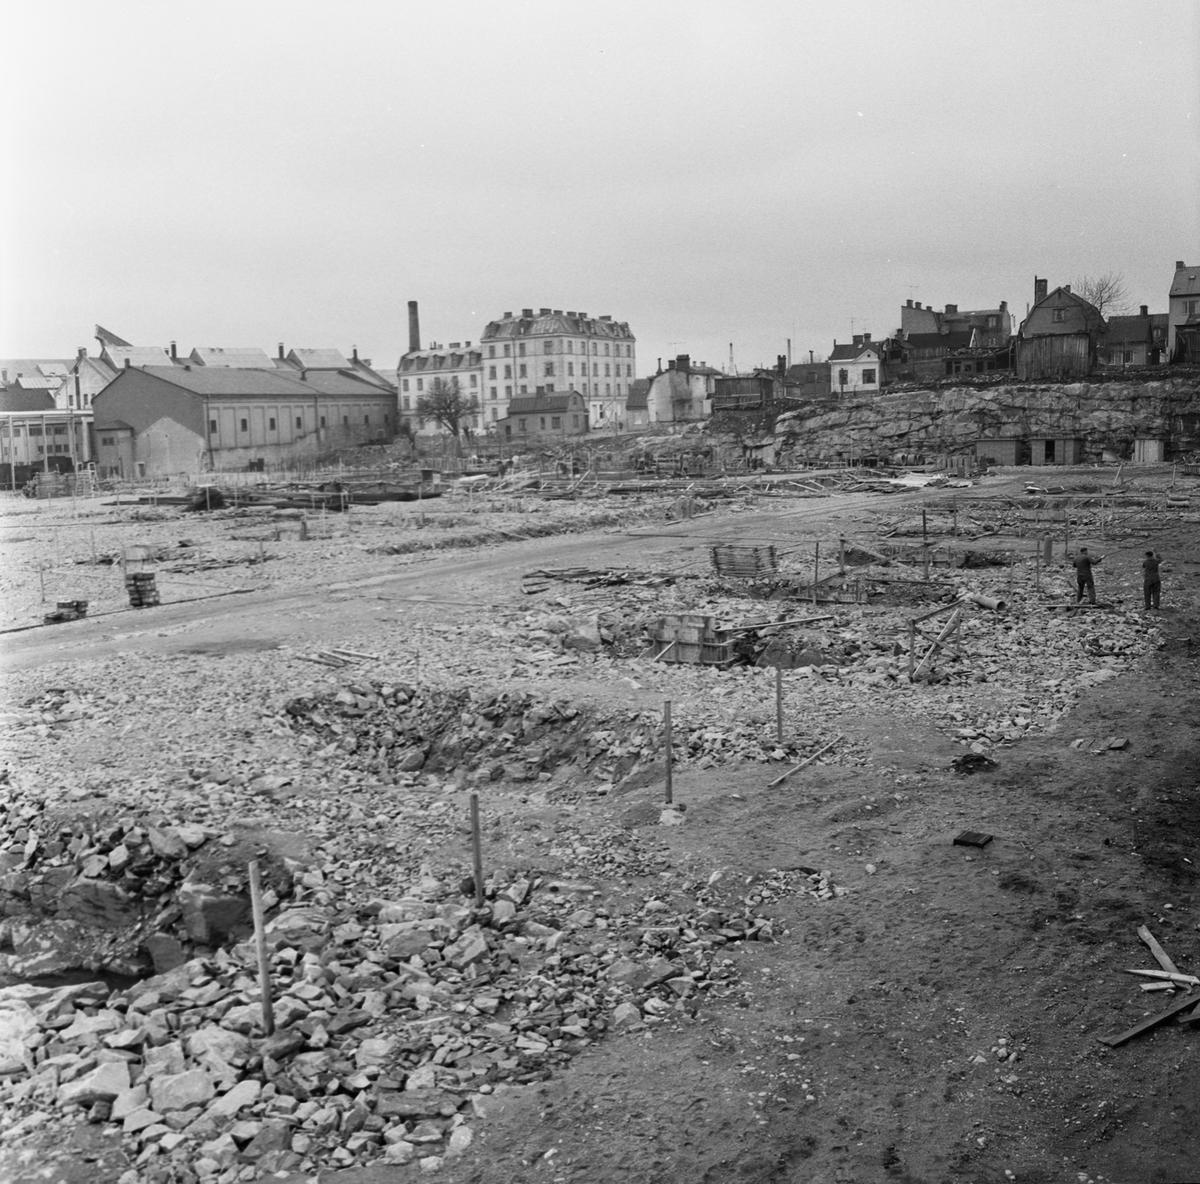 Övrigt: Fotodatum:14/5 1962. Byggnader och Kranar. Närmast identisk bild: V23795, ej skannad. Nybyggations område. Nya plåtverkstan